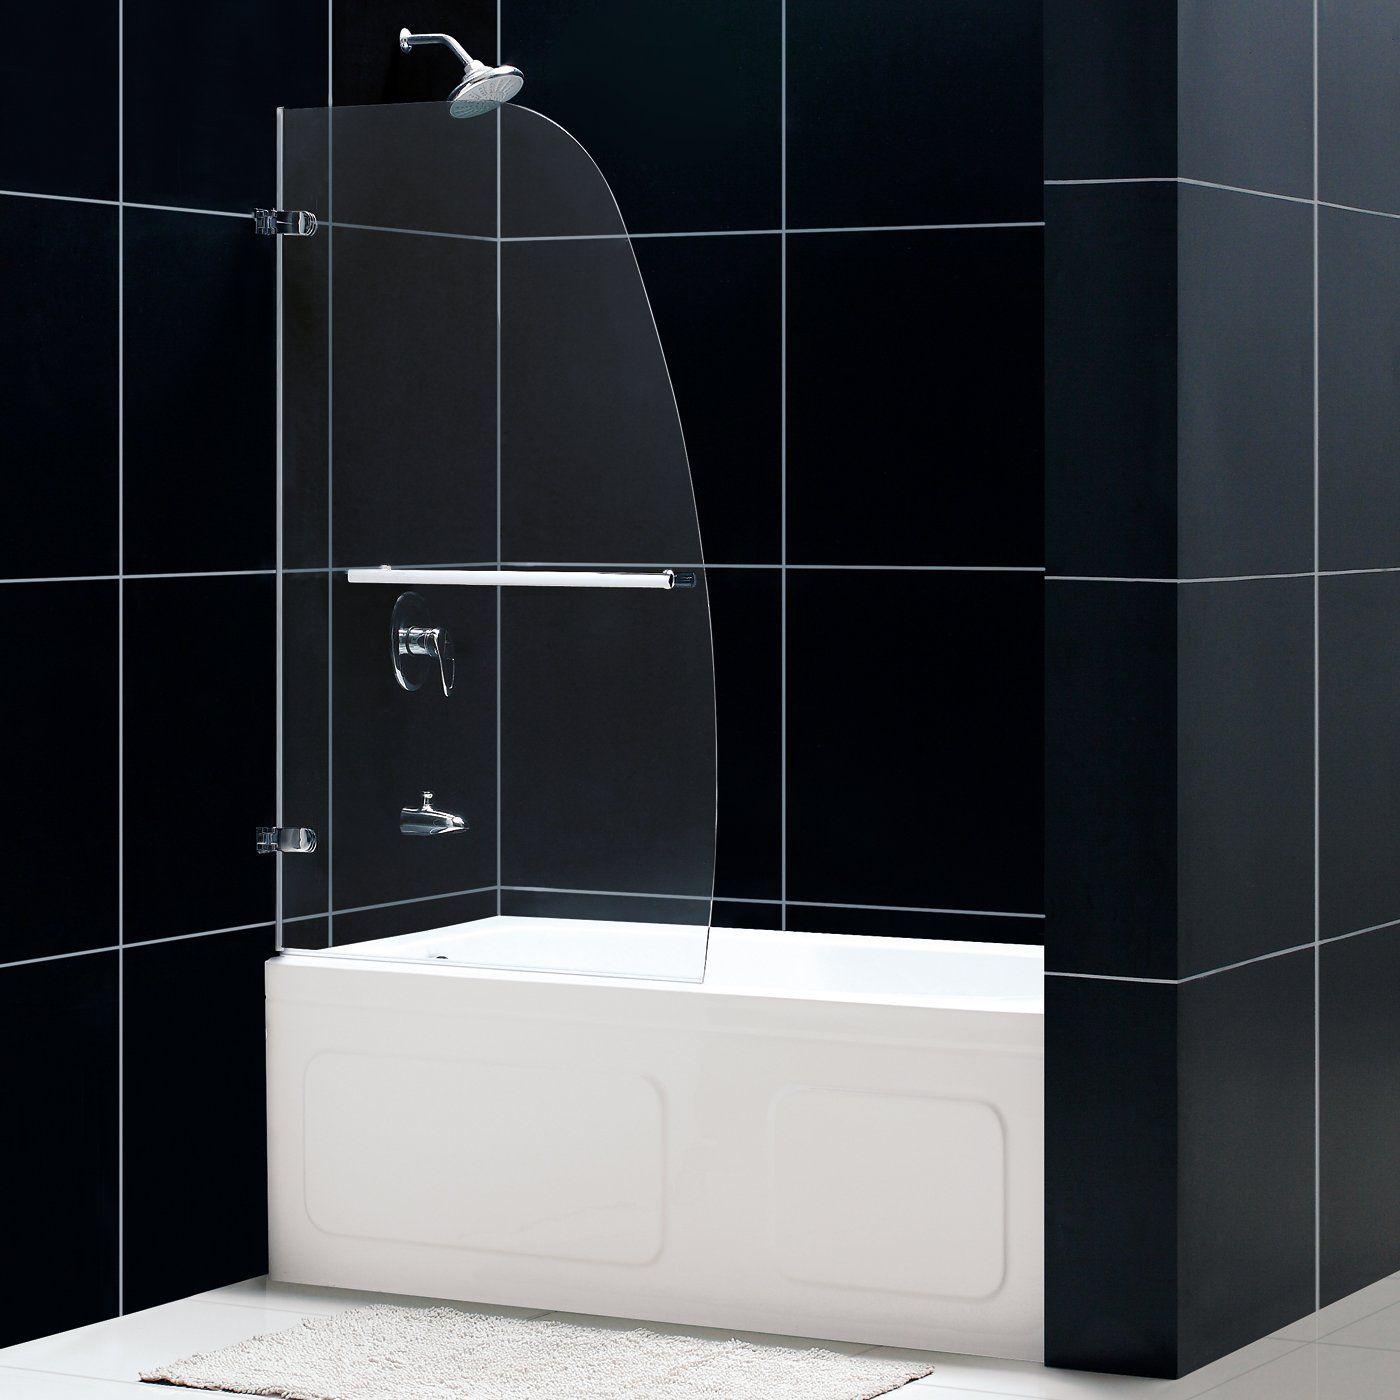 Dreamline shdr 3534586 01 aqua uno single panel hinged tub for 3 panel tub shower doors